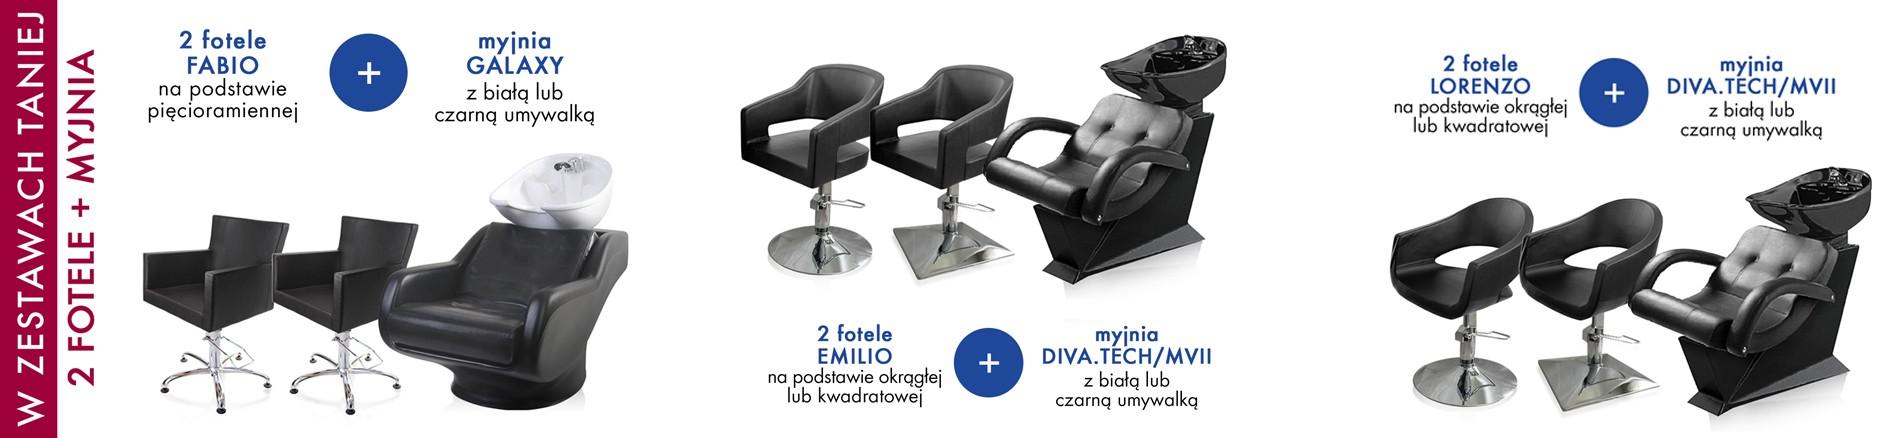 W zestawach taniej 2 x fotel + myjnia